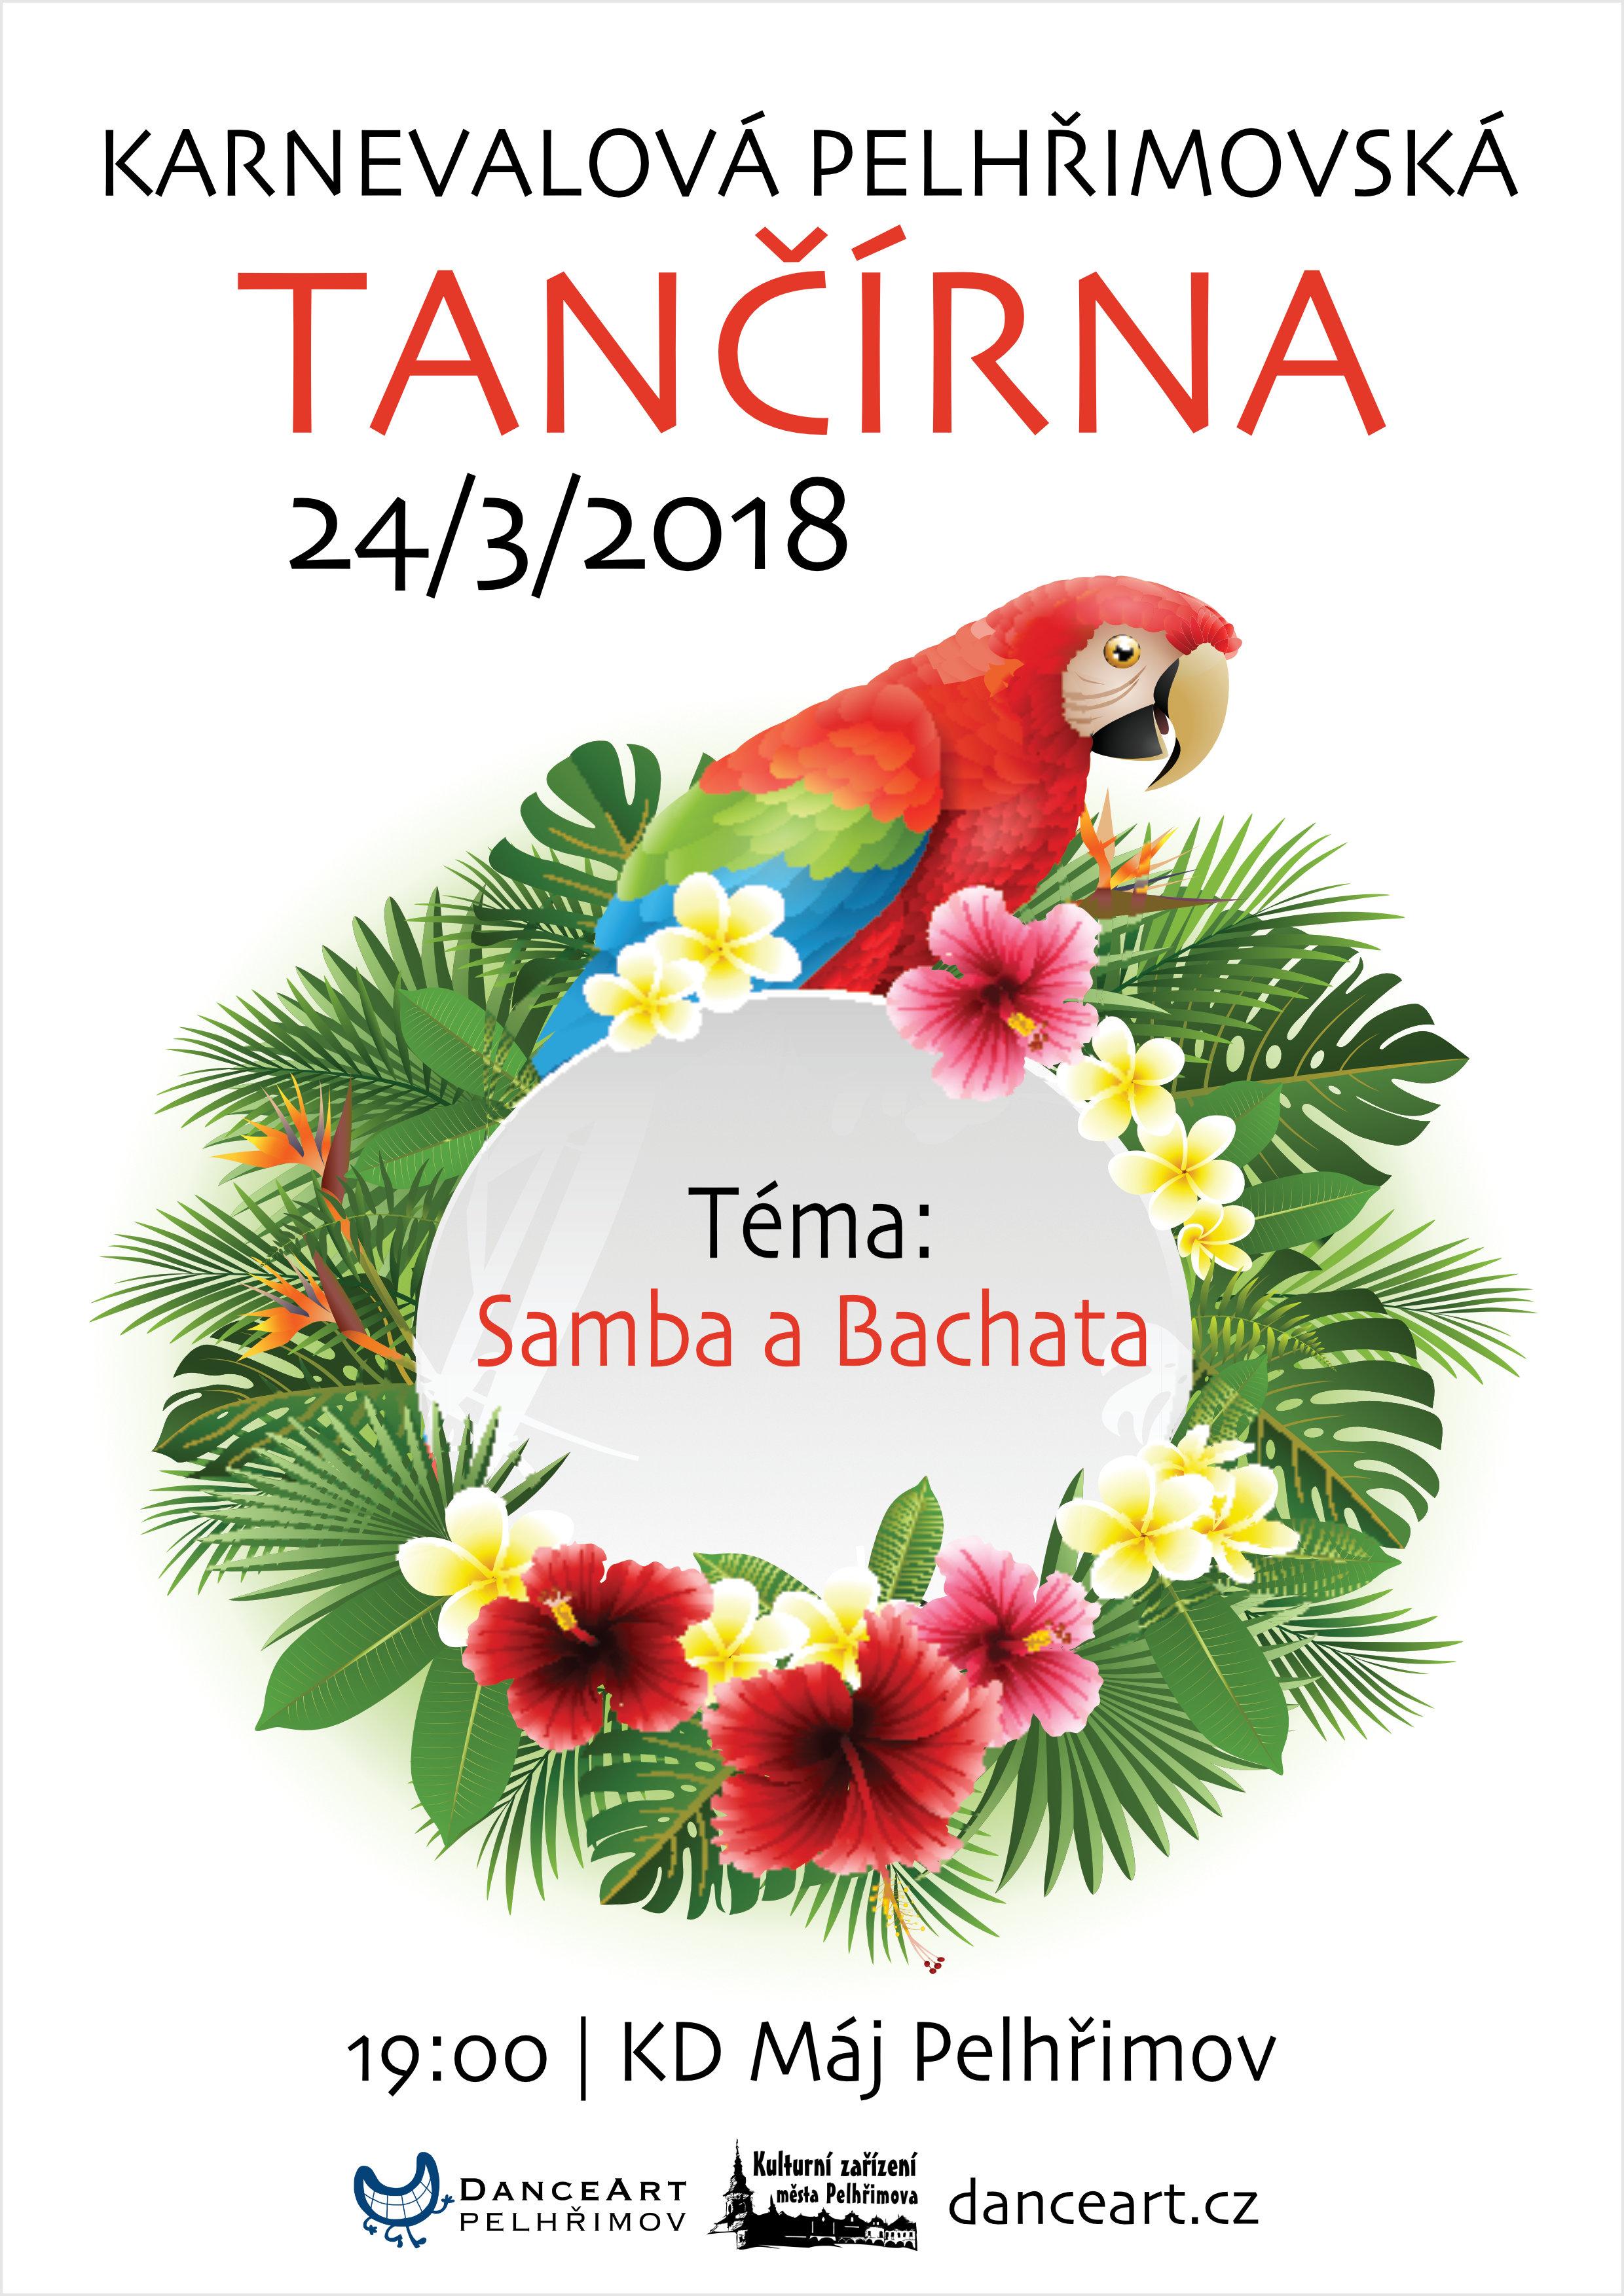 Plakát Karnevalová Pelhřimovská tančírna 2018 web okraj.jpg